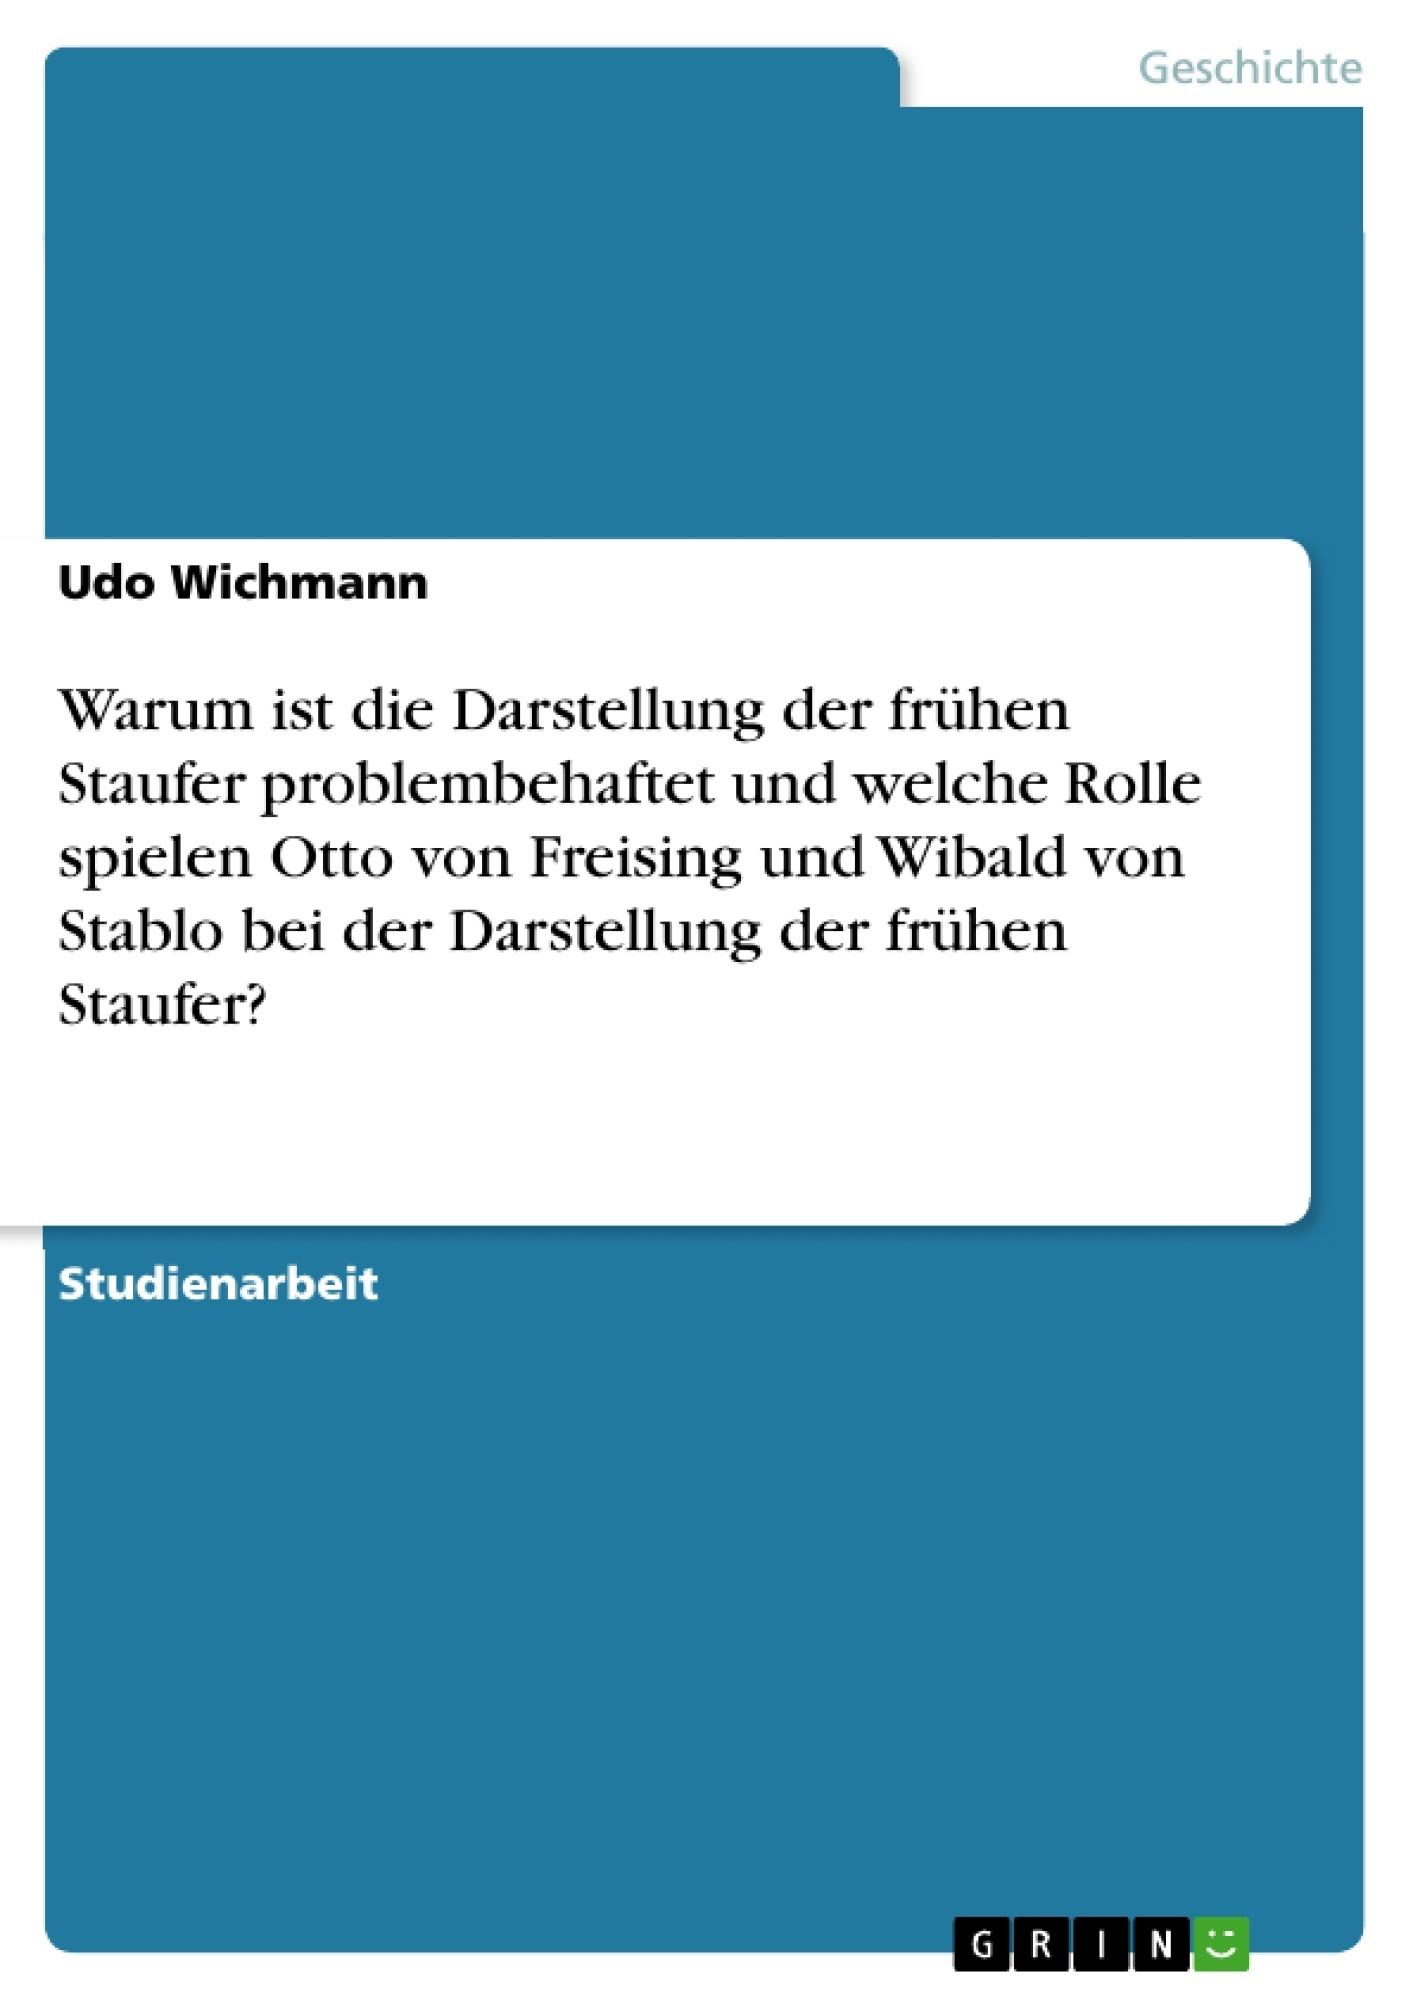 Titel: Warum ist die Darstellung der frühen Staufer problembehaftet und welche Rolle spielen Otto von Freising und Wibald von Stablo bei der Darstellung der frühen Staufer?